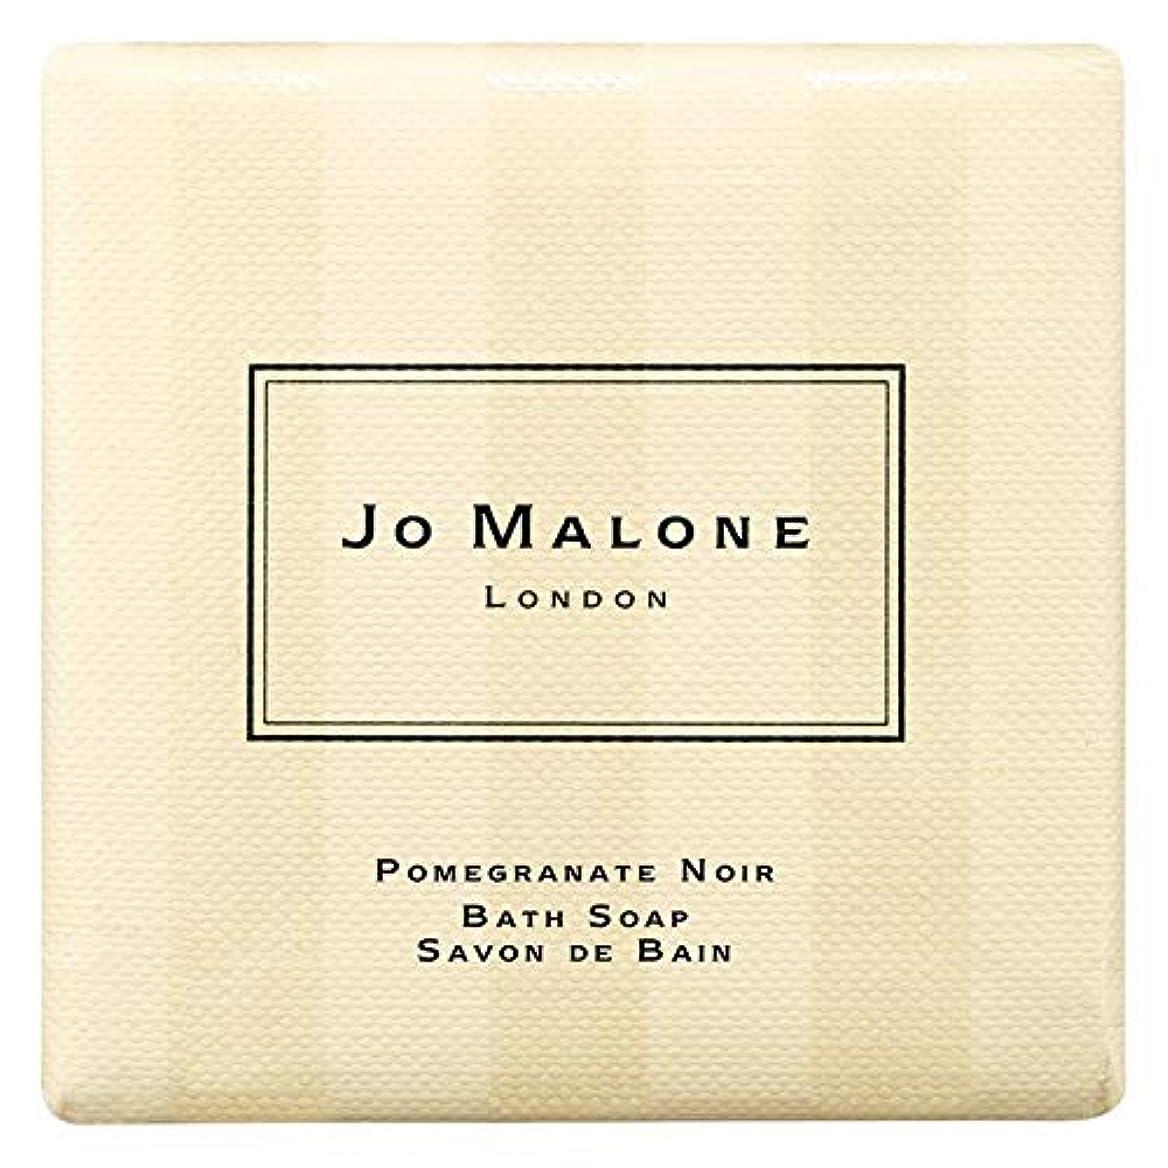 ジャンクション失うフィットネス[Jo Malone] ジョーマローンロンドンザクロノワール入浴石鹸100グラム - Jo Malone London Pomegranate Noir Bath Soap 100g [並行輸入品]